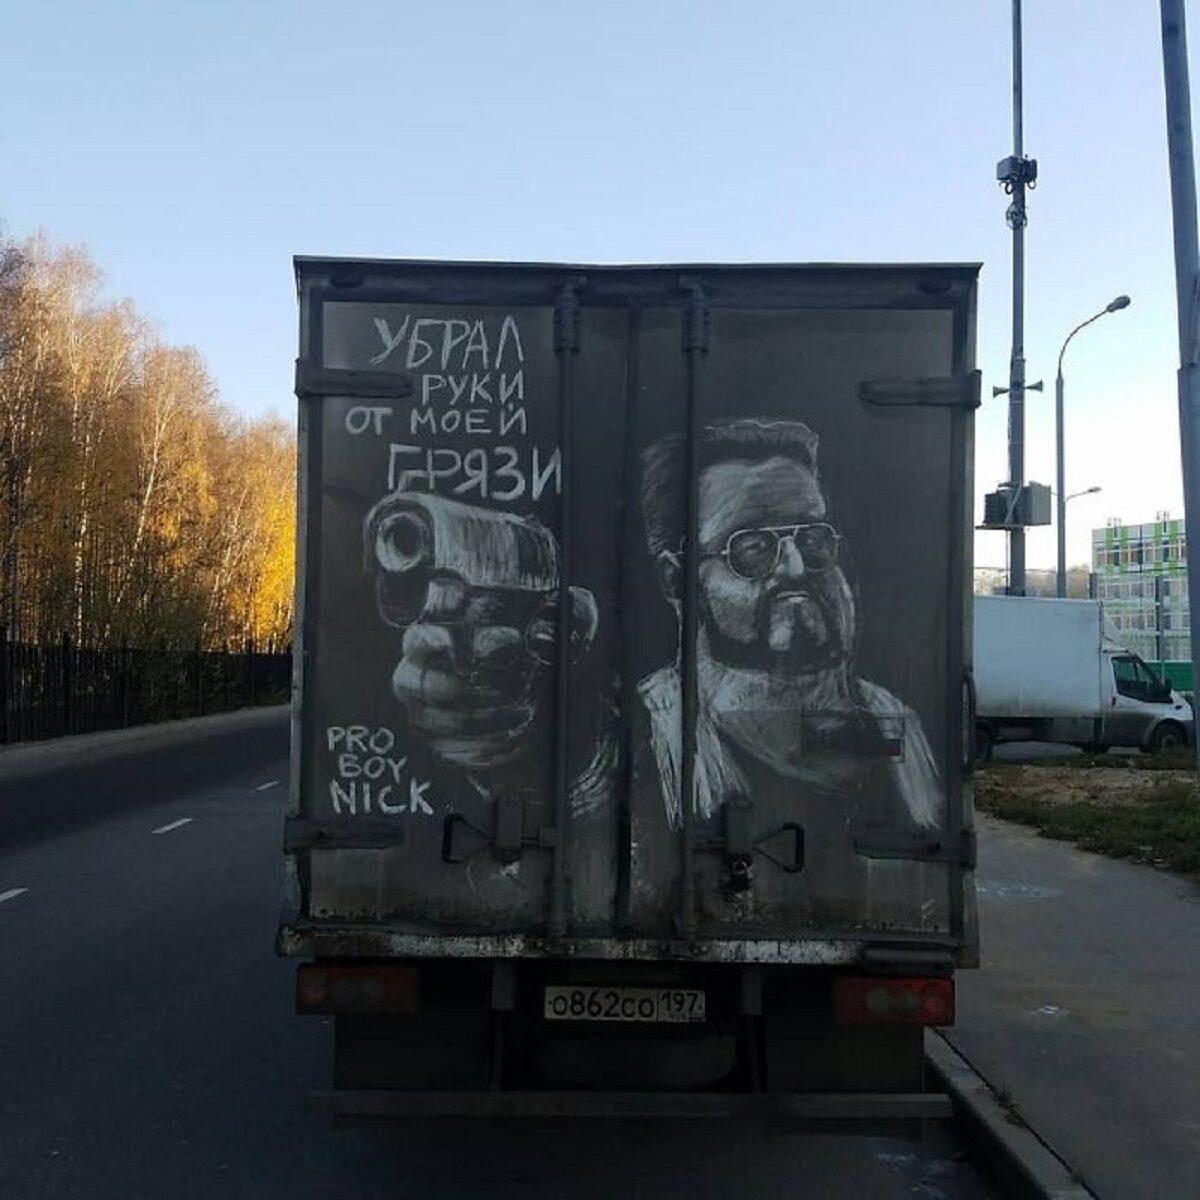 Nikita Golubev artista russa cria desenhos incriveis em caminhoes e tecnica chama atencao 17